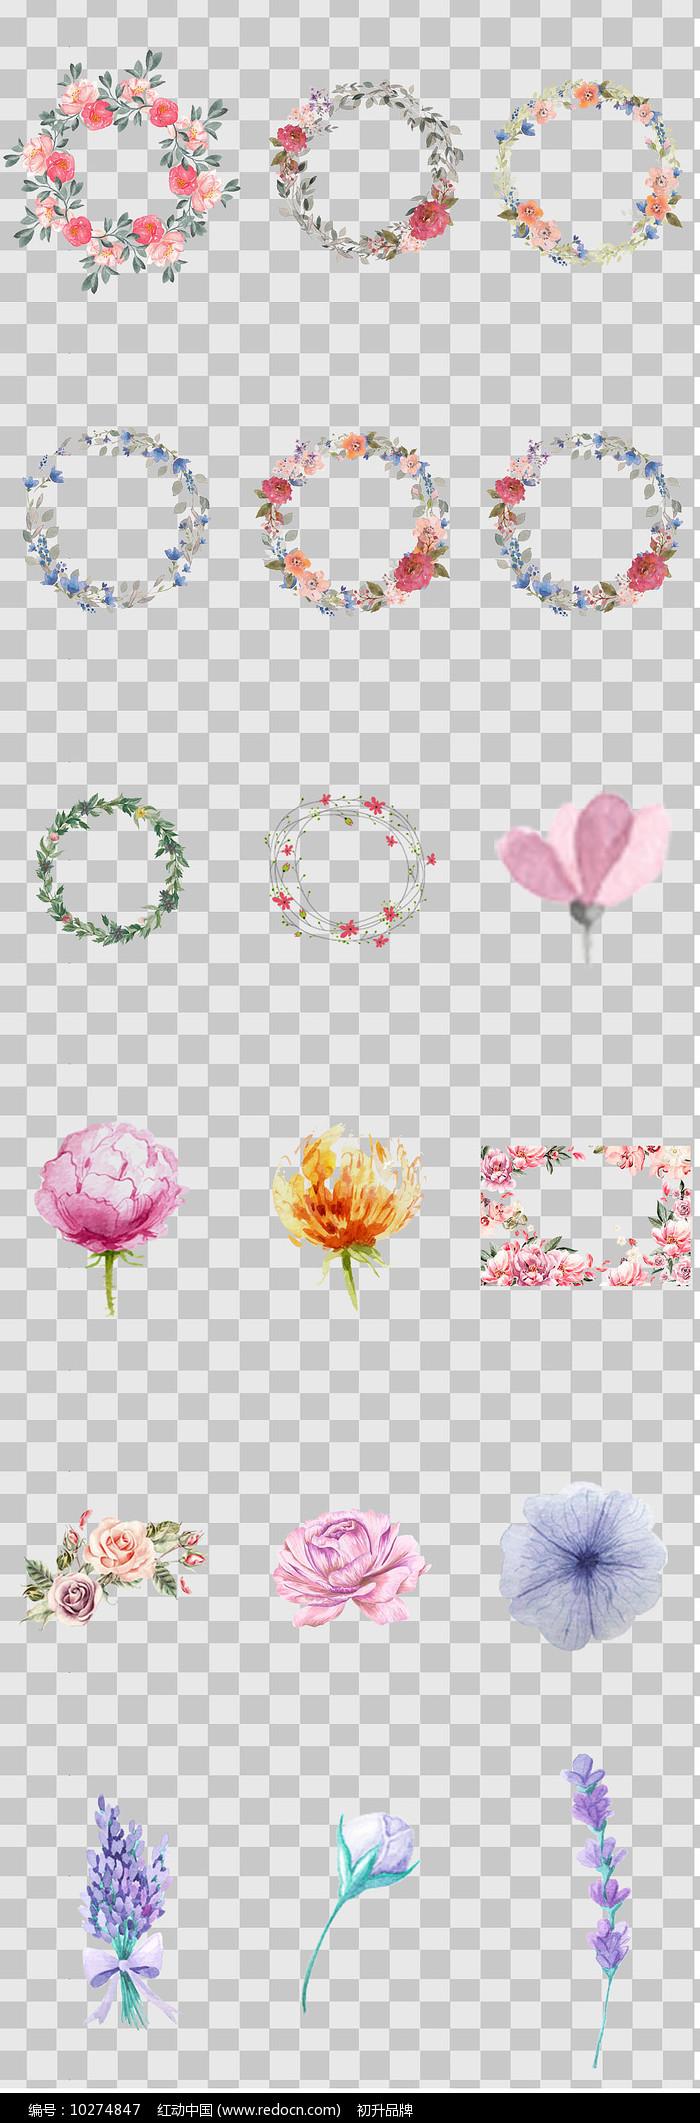 水彩手绘花卉元素图片